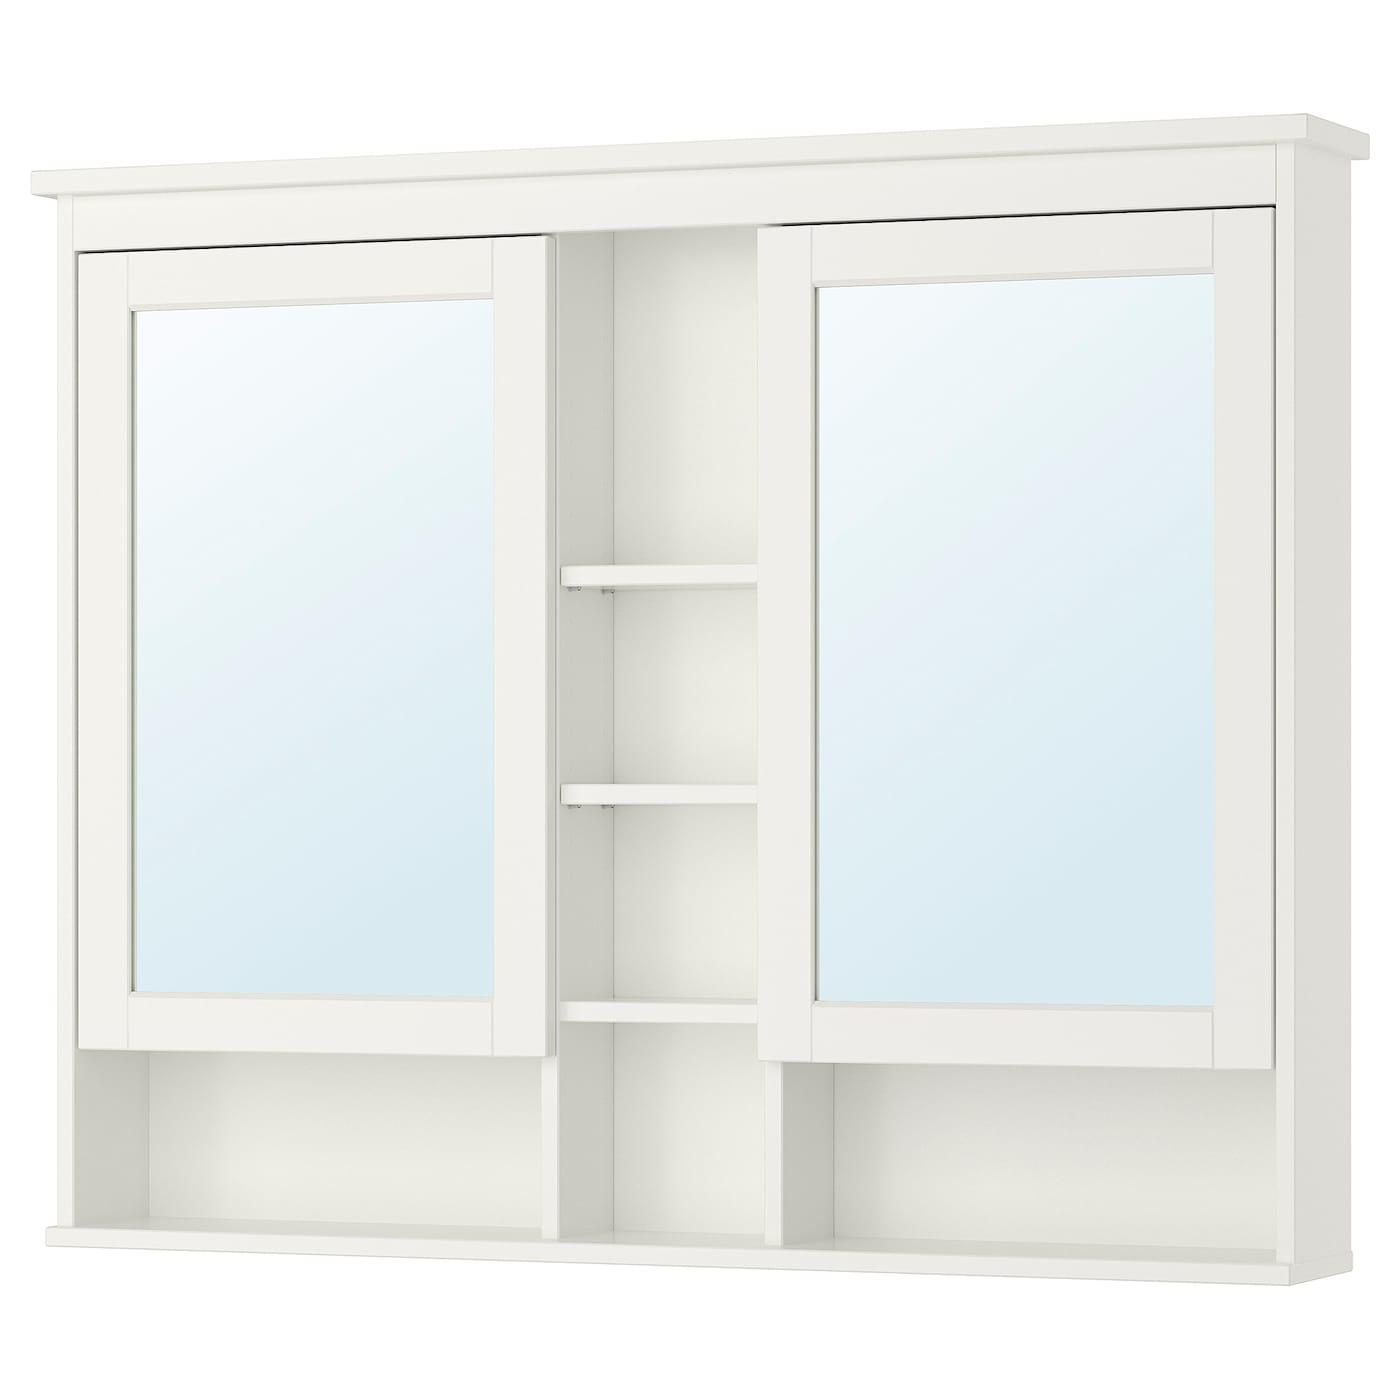 HEMNES Spiegelschrank 20 Türen   weiß 200x20 cm